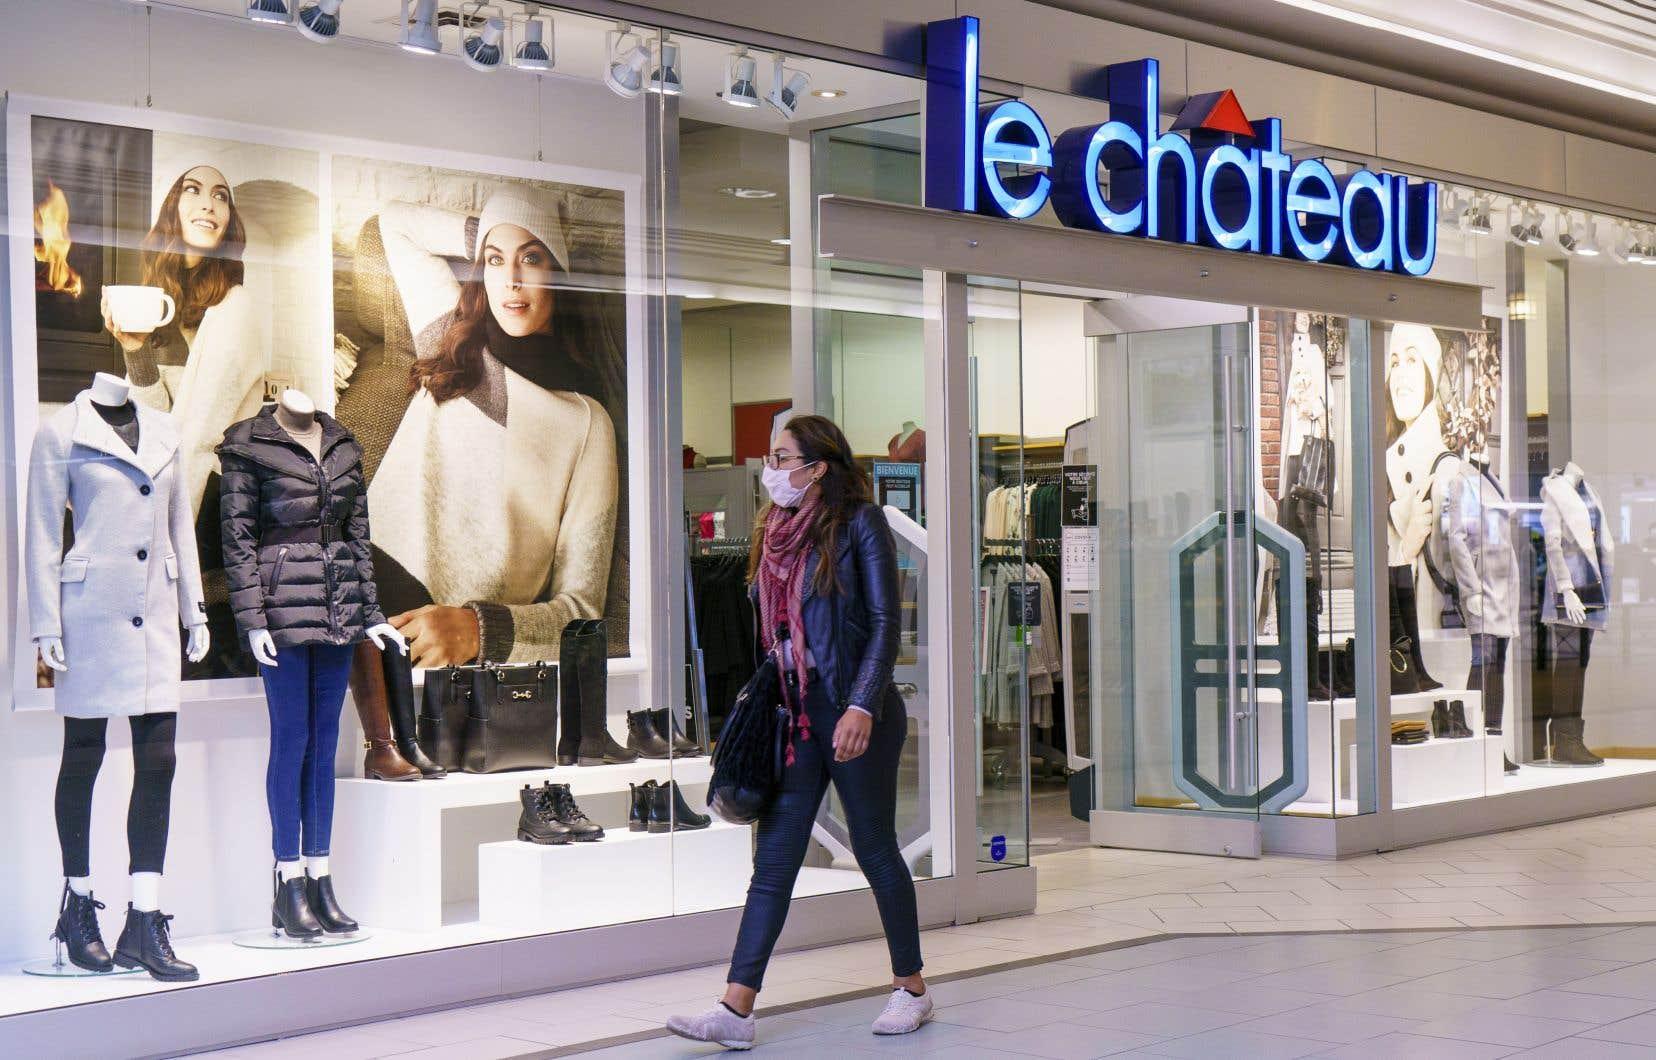 Le Château avait affiché une perte nette de 69,2millions au terme de l'exercice terminé le 25janvier 2020. Ses derniers profits remontent à 2010, lorsque l'entreprise exploitait 236 boutiques au pays et deux points de vente au sud de la frontière, d'après le rapport annuel de l'époque.